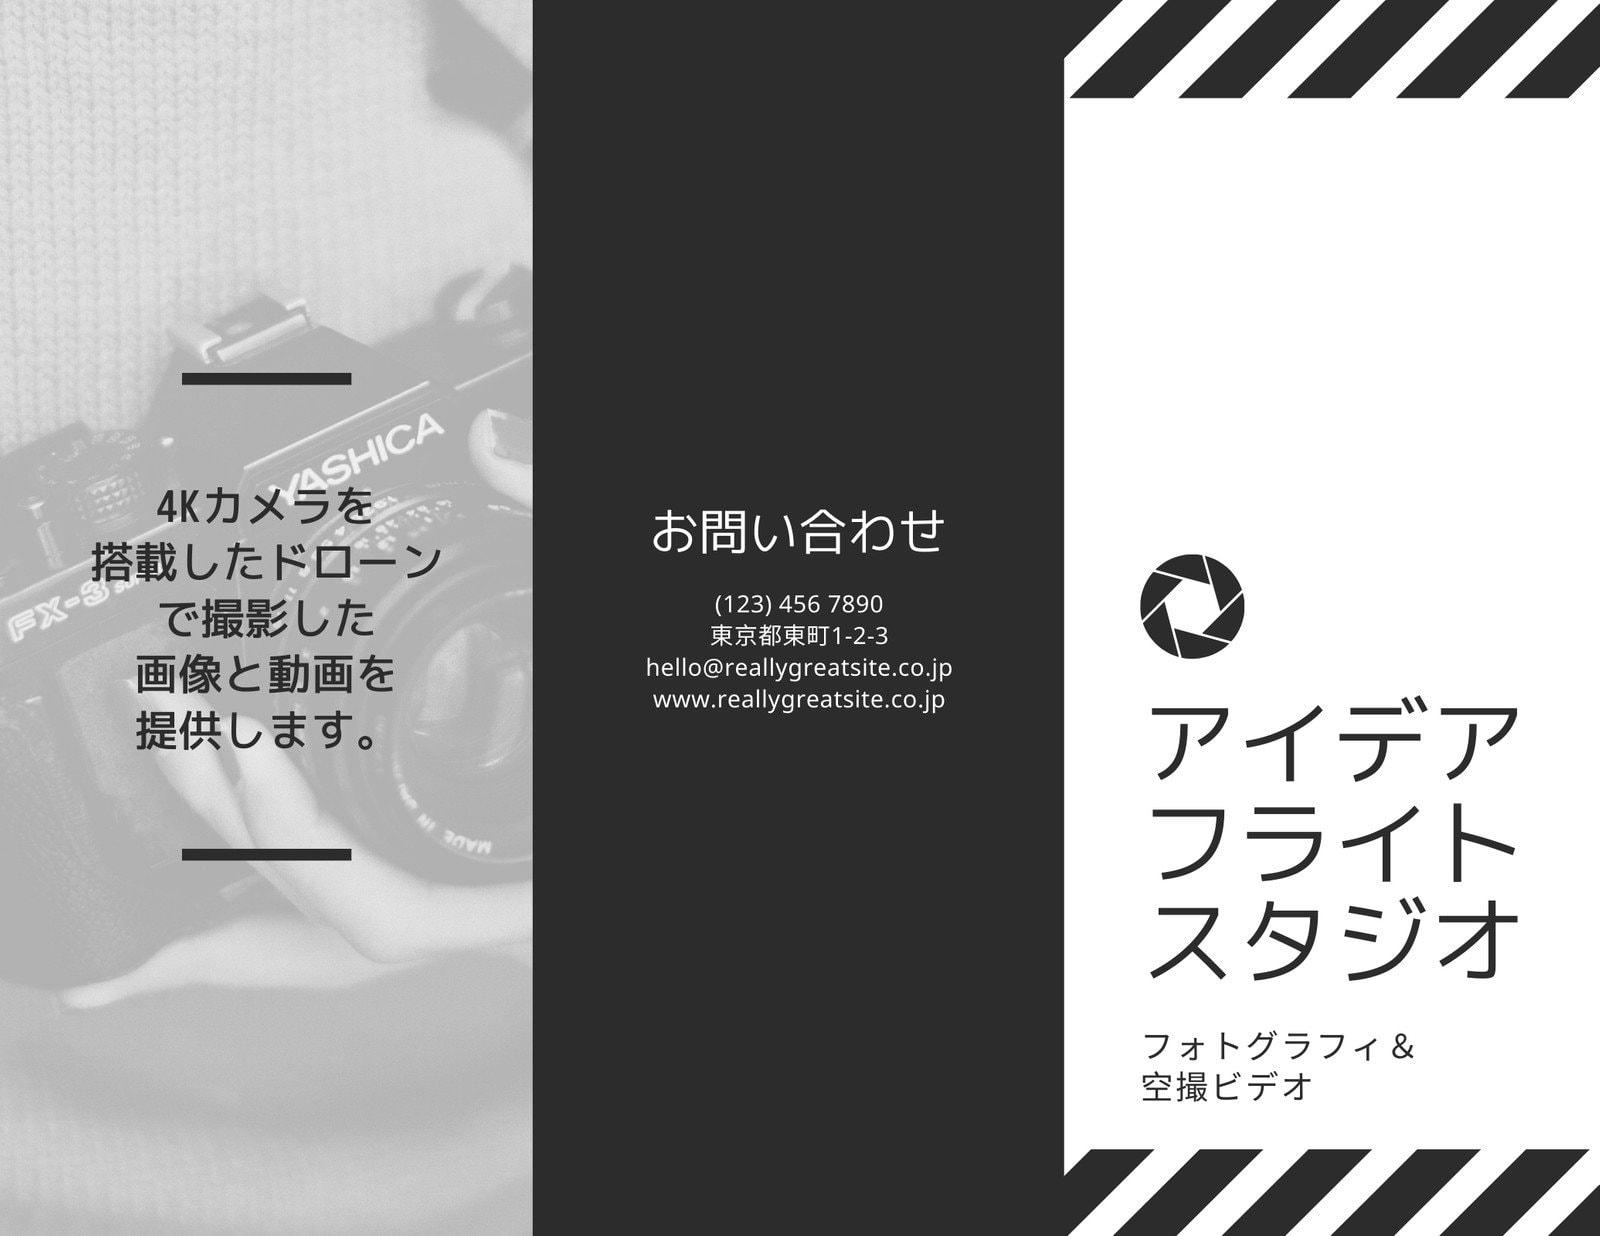 黒と白 クリエイティブ 写真 三つ折りパンフレット